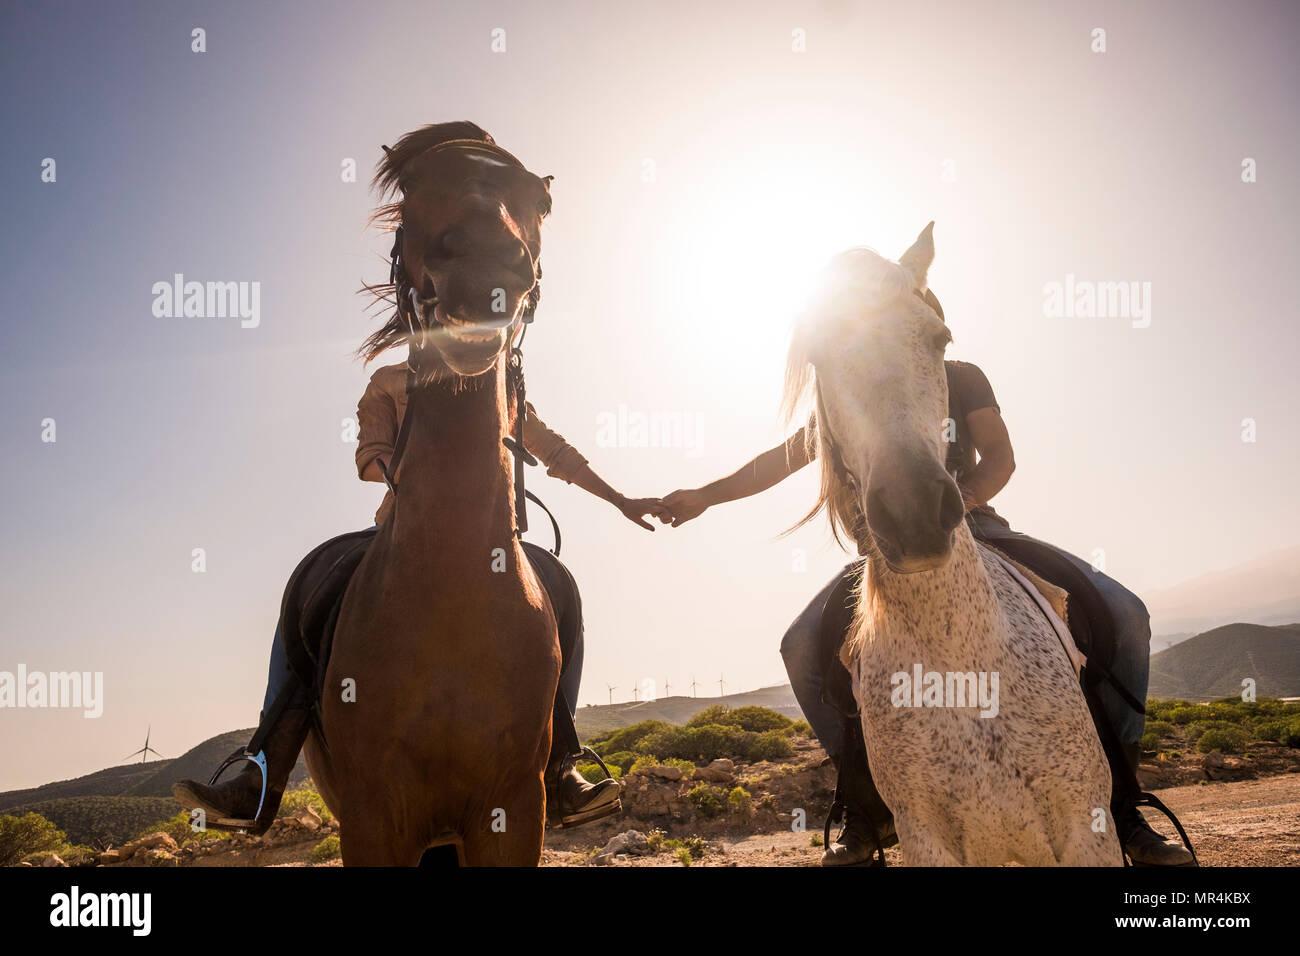 Manos tocan con amor pero cara caballo bombardear las imágenes para una última imagen divertida con Caballo sonriente. retroiluminación y el concepto de amor en la naturaleza ocio Imagen De Stock